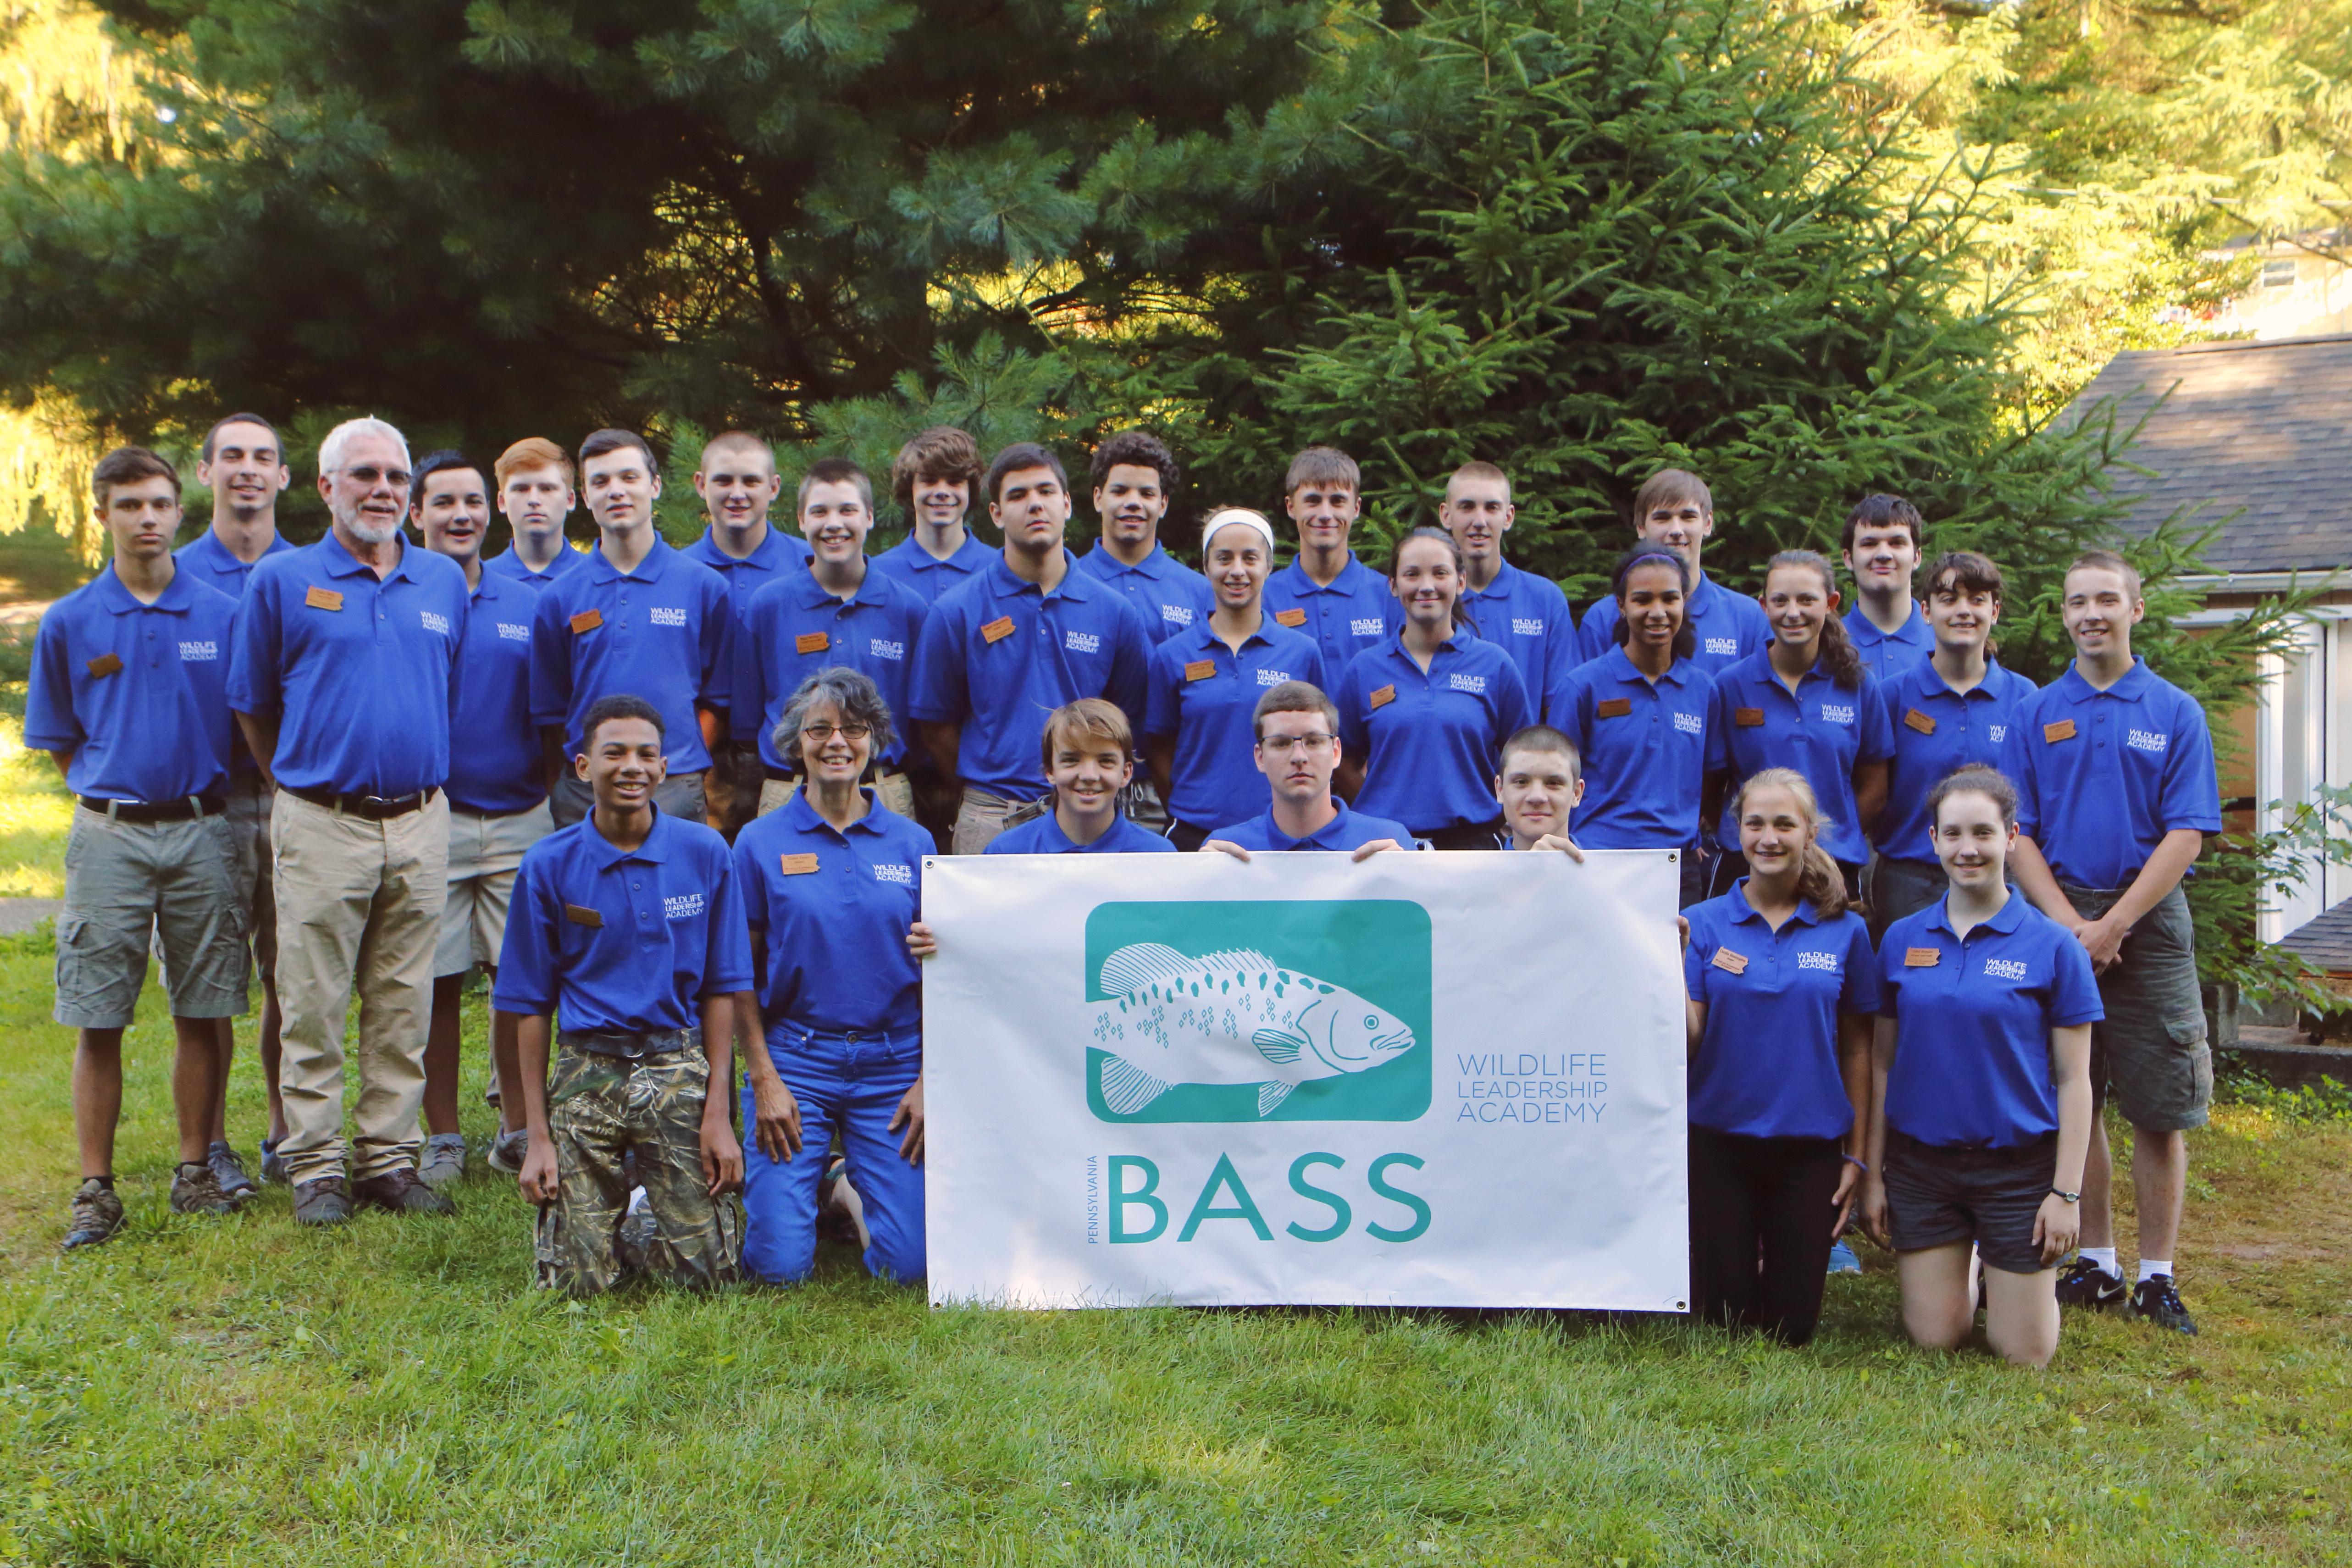 Bass Class of 2016